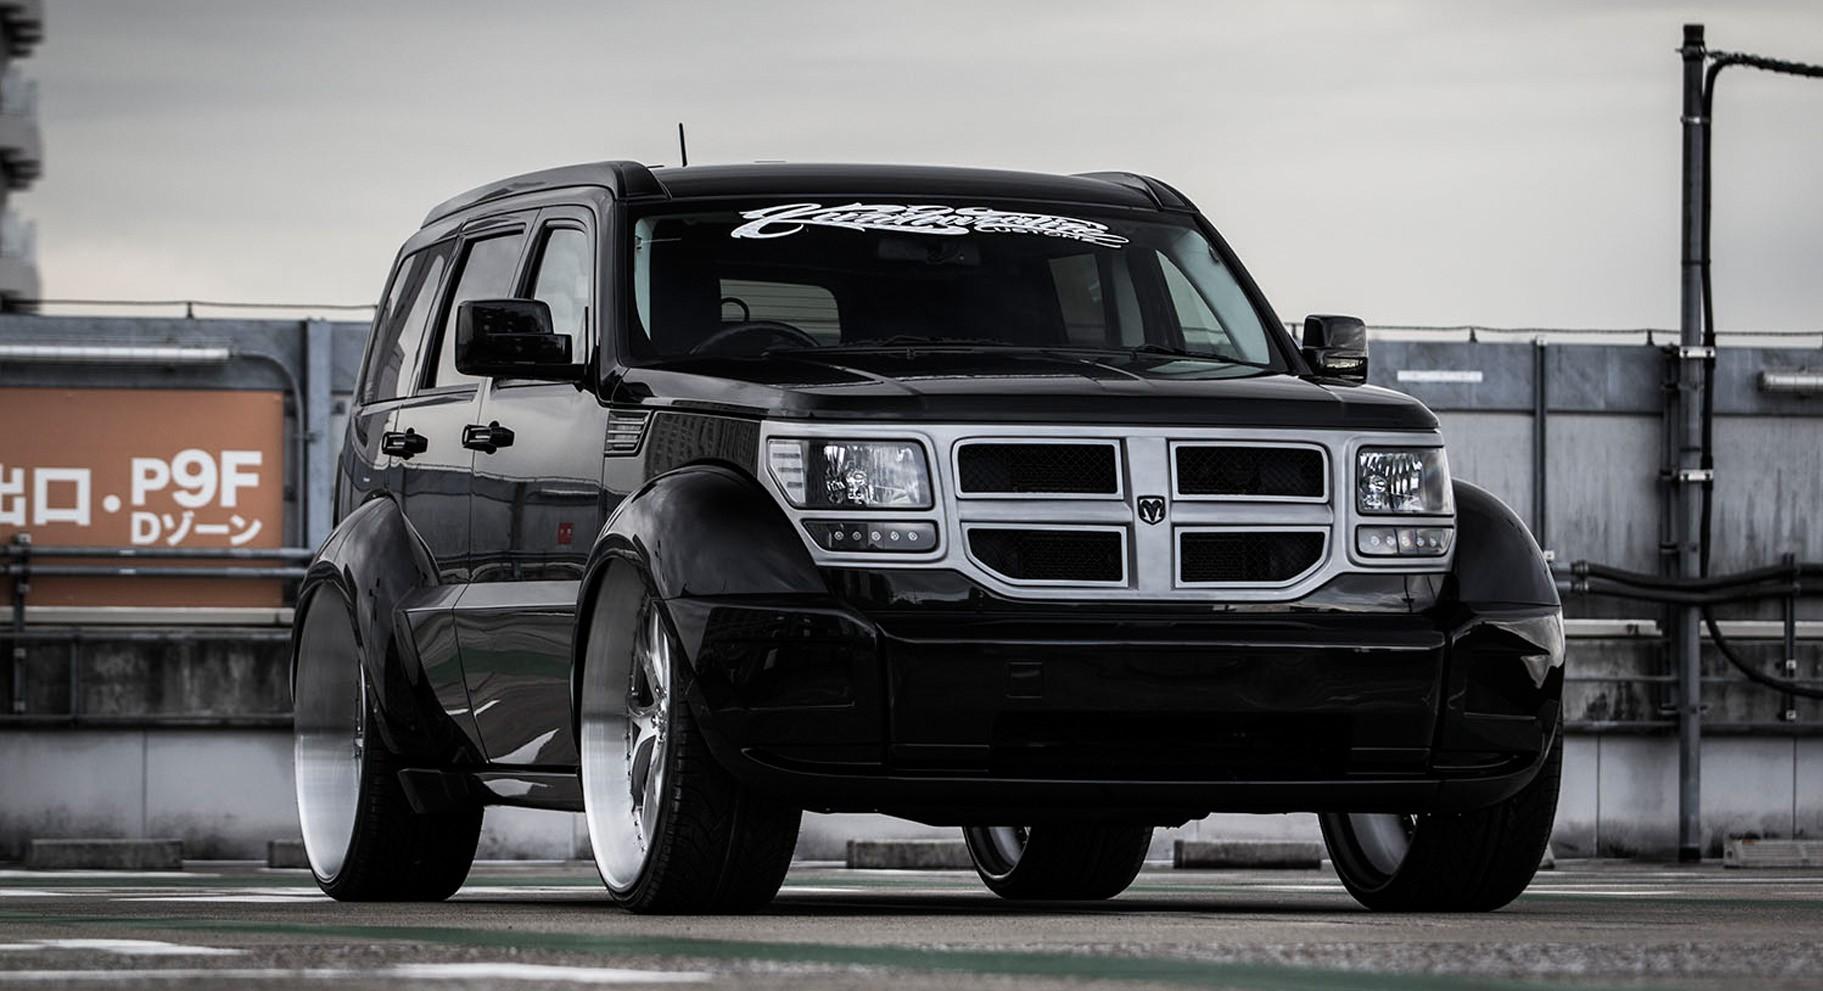 Dodge Nitro with brushed LF-102 wheels.